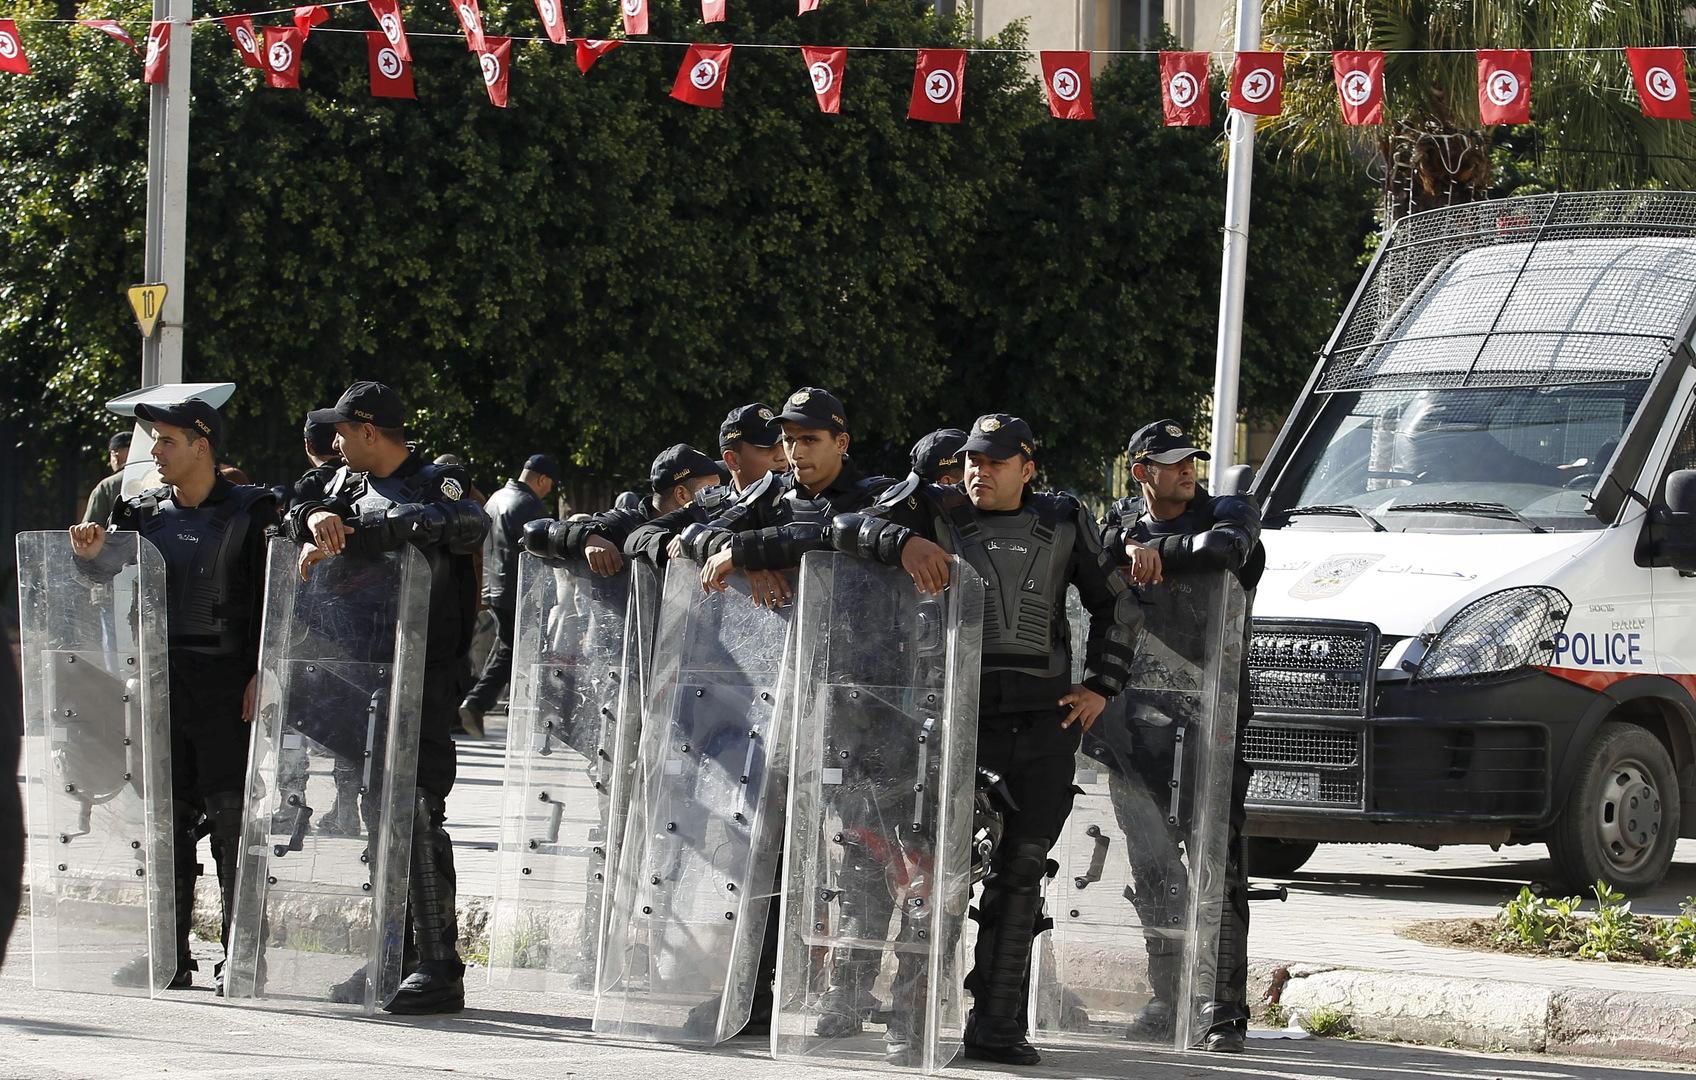 بعد وفاة شابين.. عدد من الأهالي في تونس يحرقون مركز شرطة وسيارة أمنية